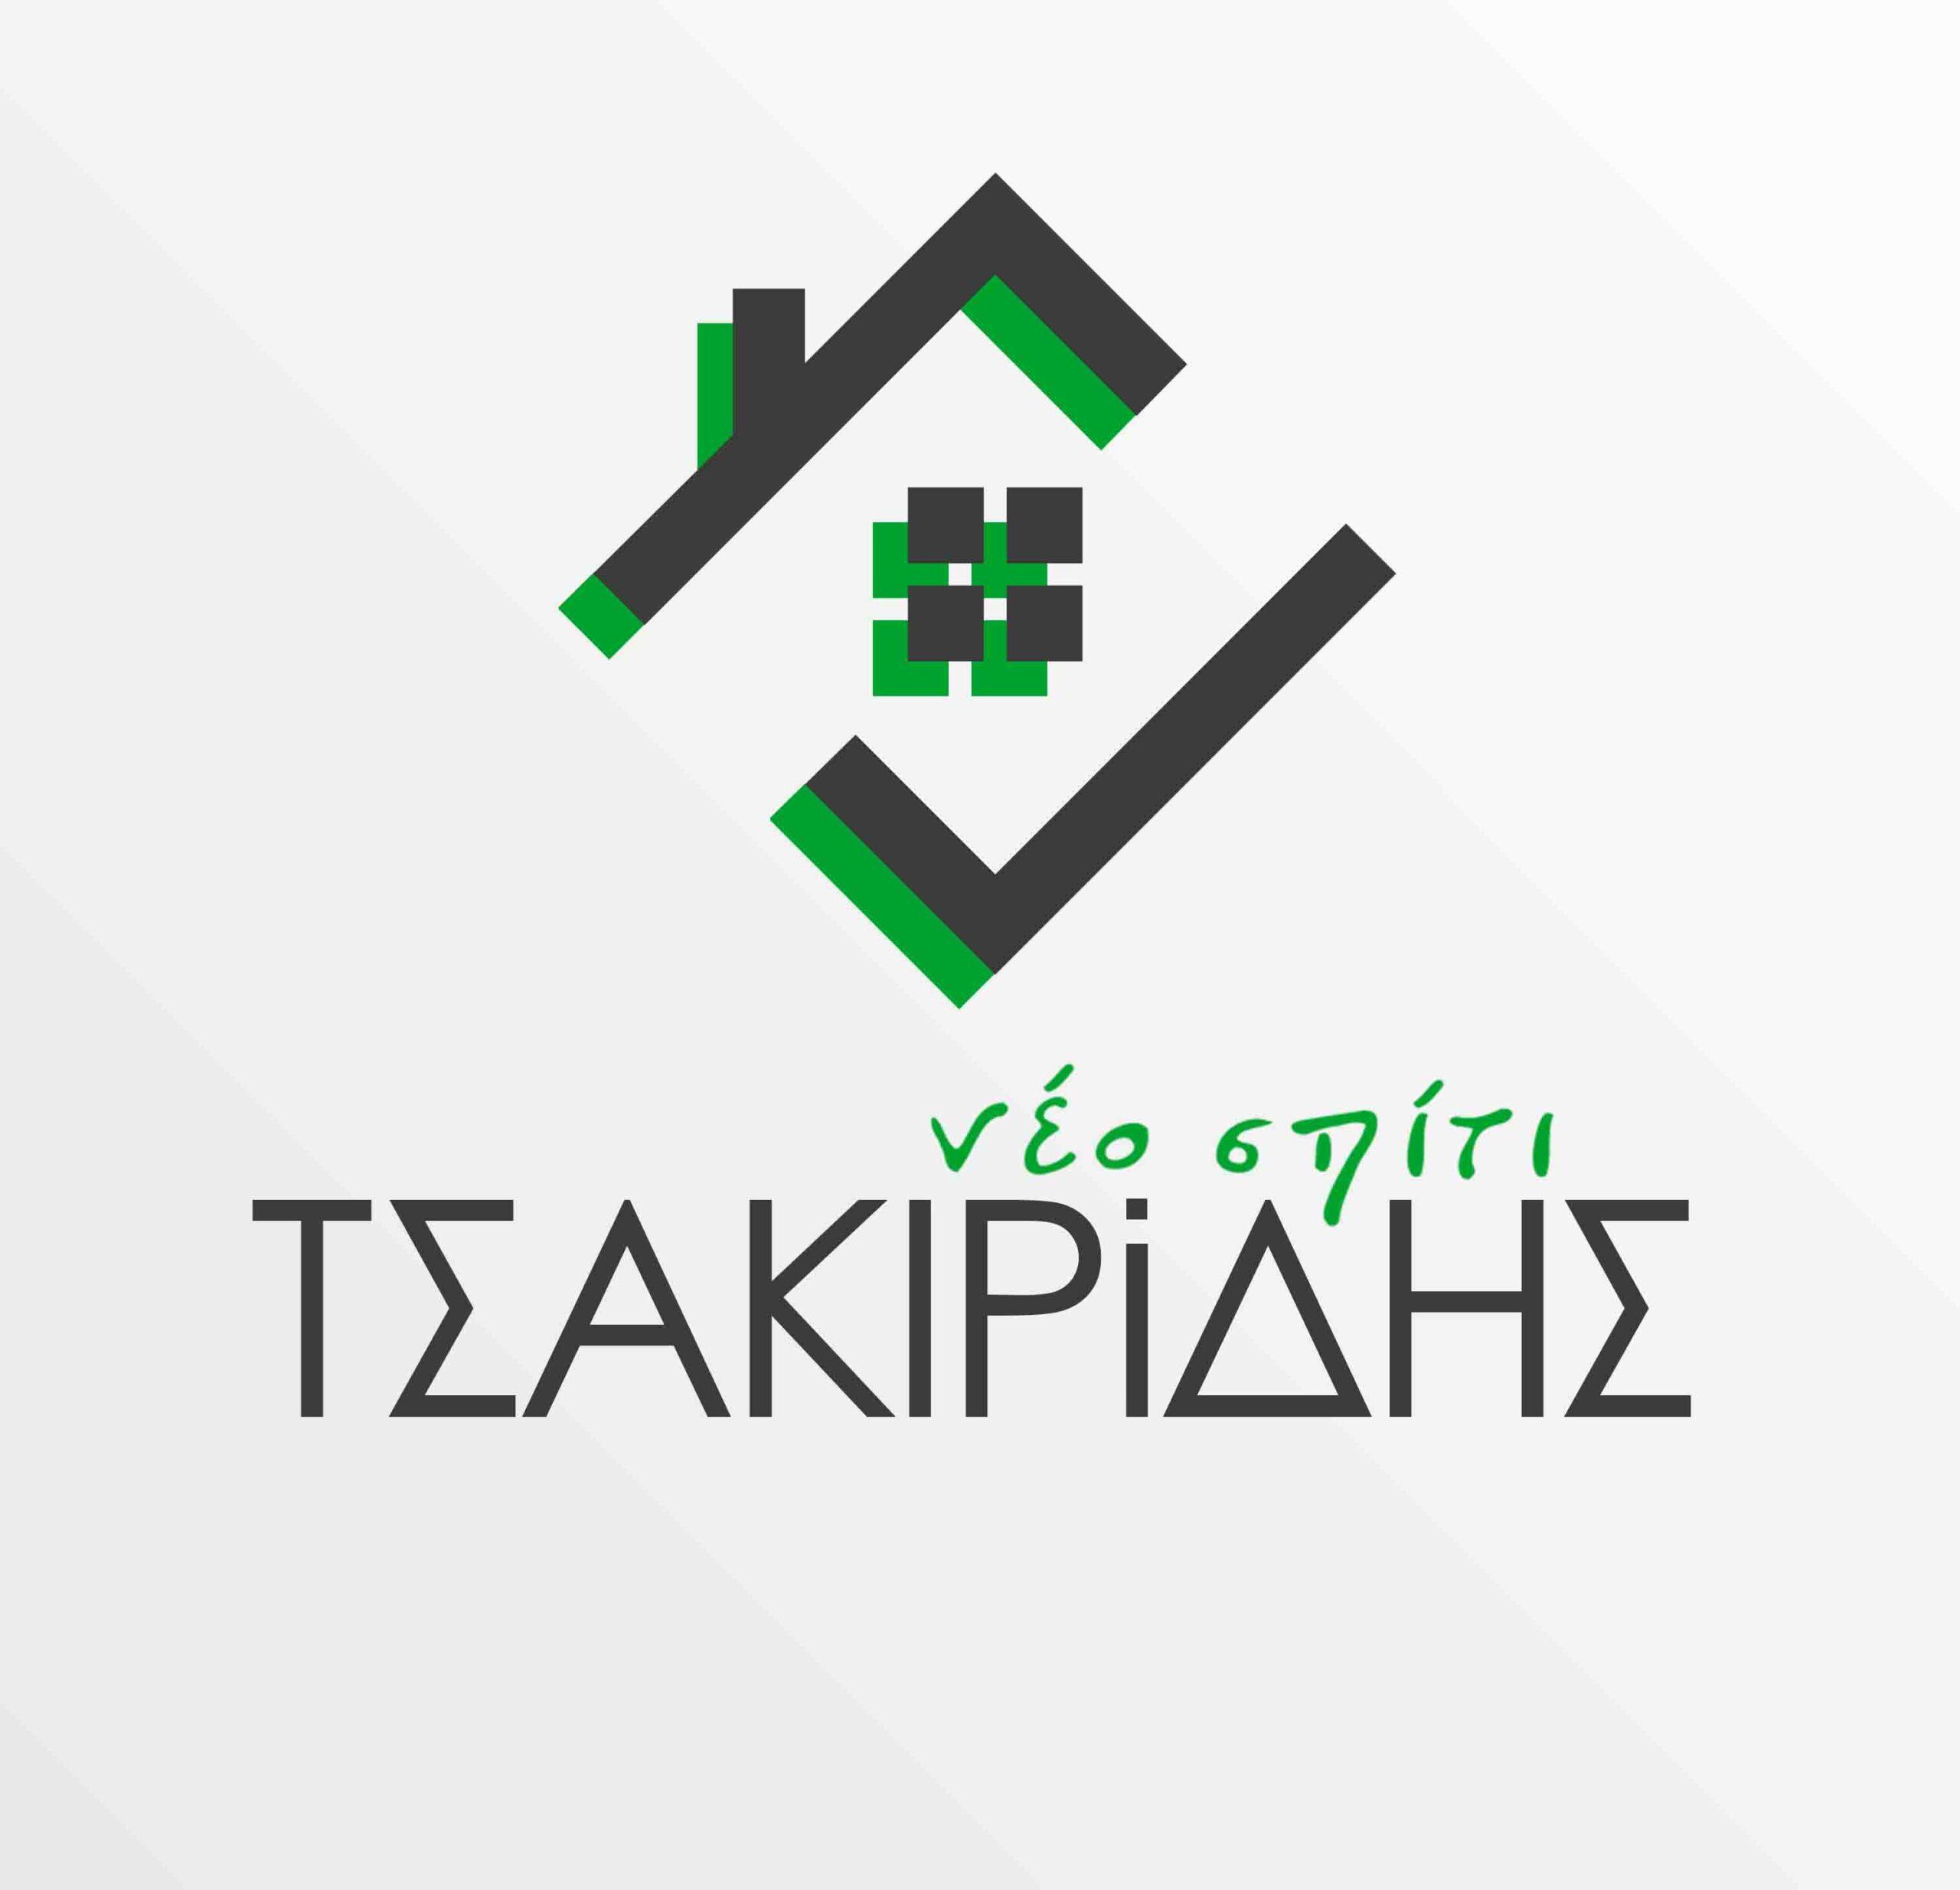 epiplatsakiridis logo